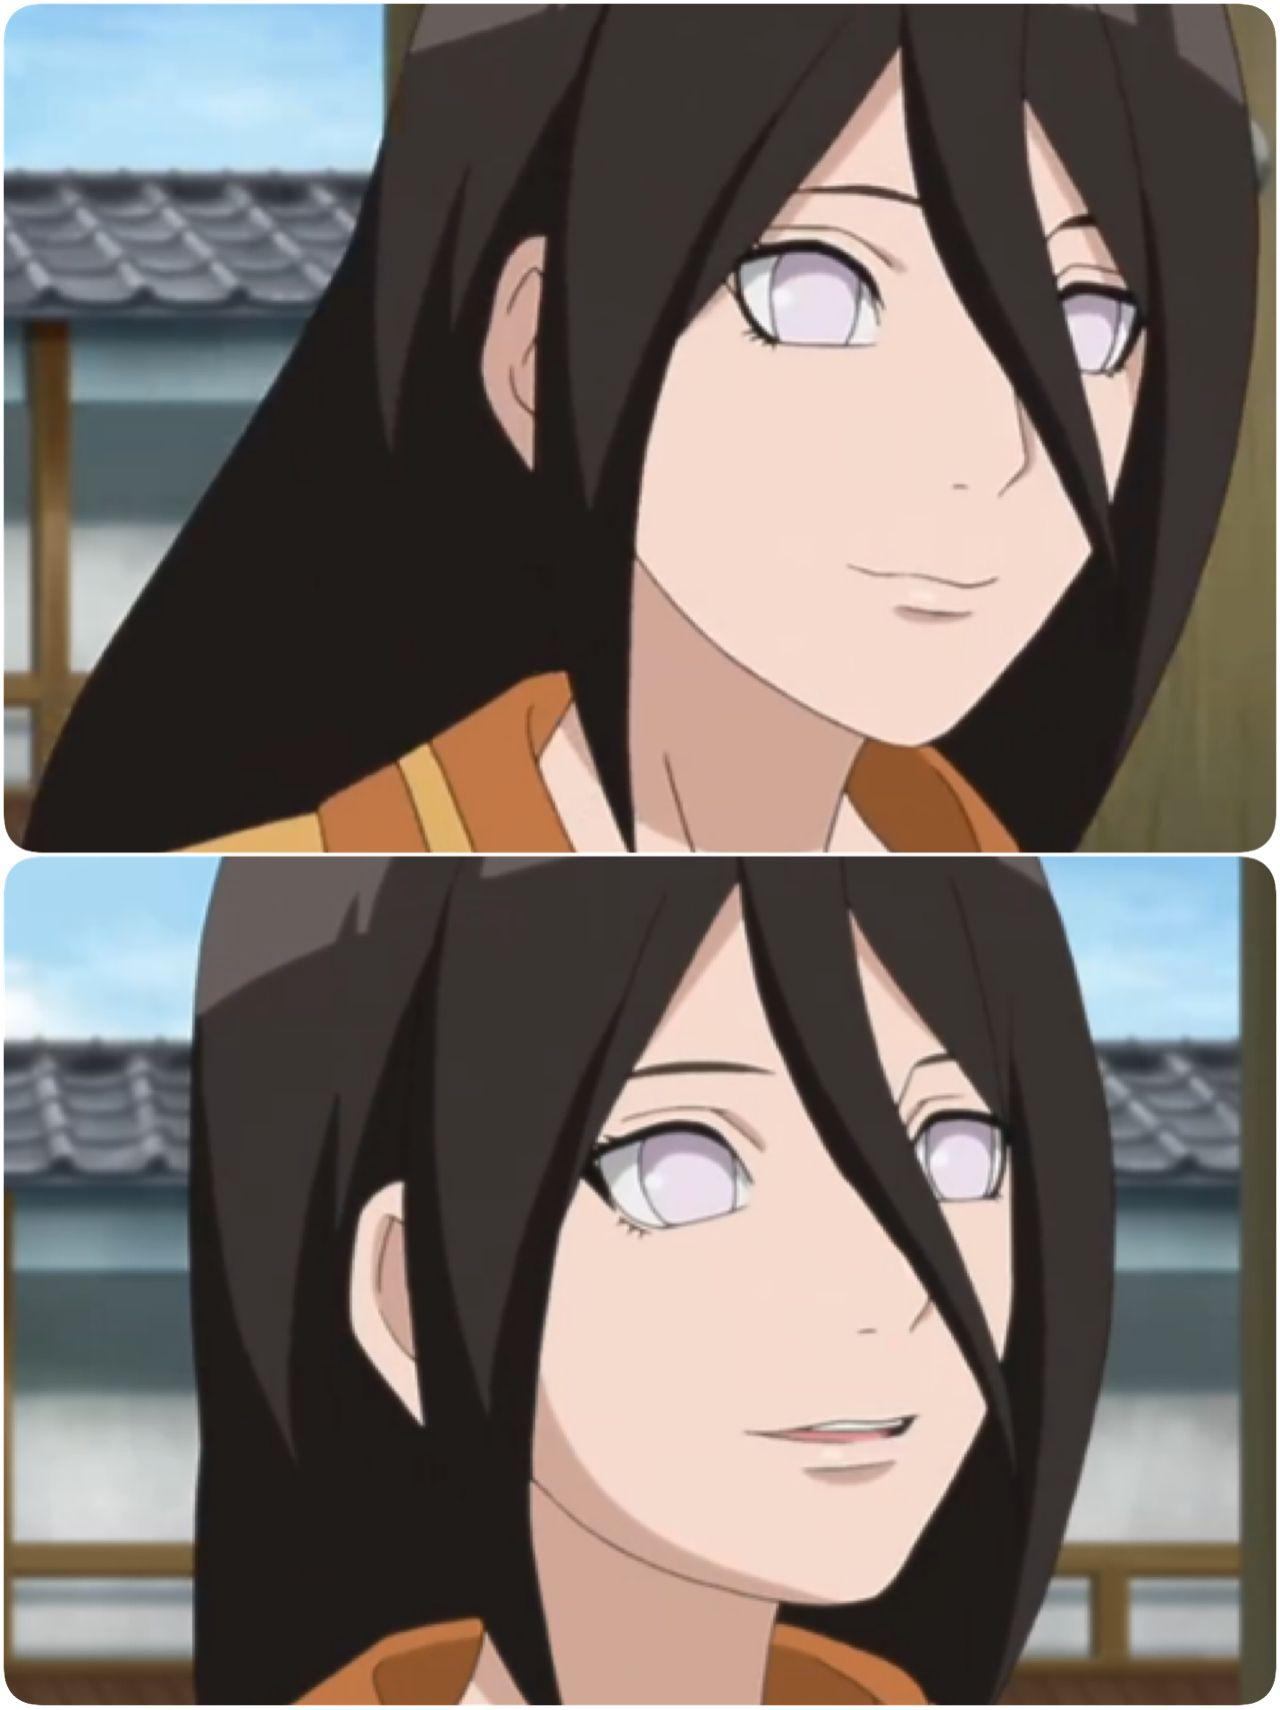 Hyuuga Hanabi   Naruto   Pinterest   Naruto, Boruto and Anime  Hyuuga Hanabi  ...